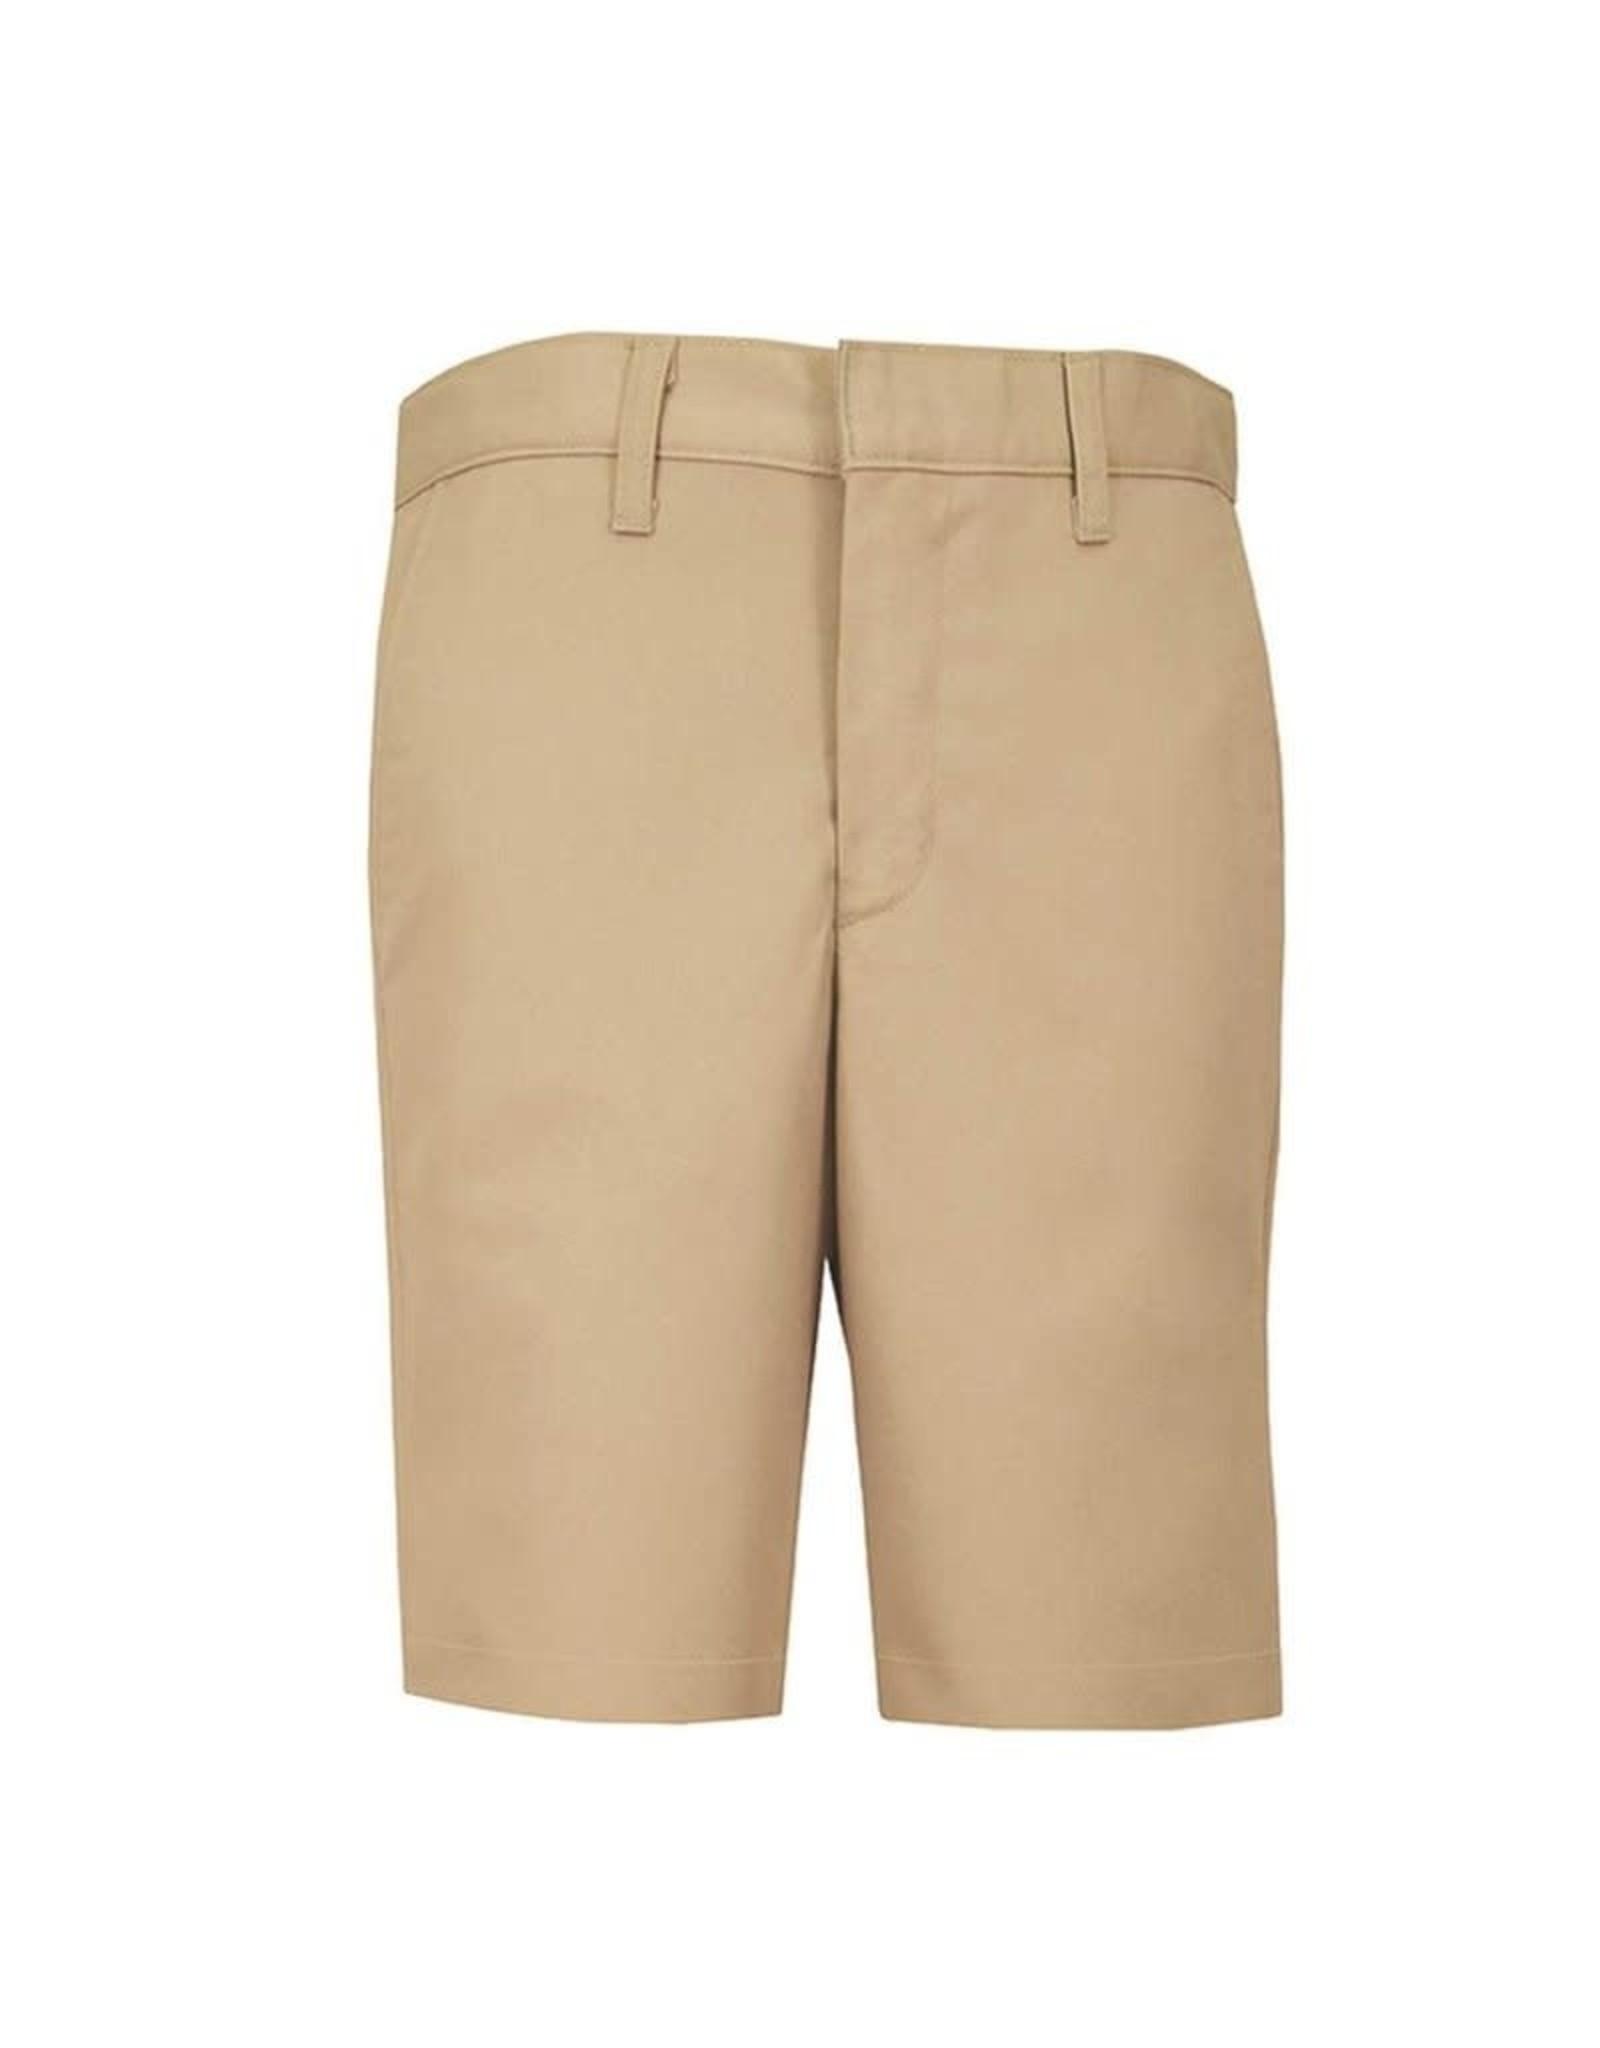 UNIFORM Boys/Mens Shorts, Khaki NEW STYLE